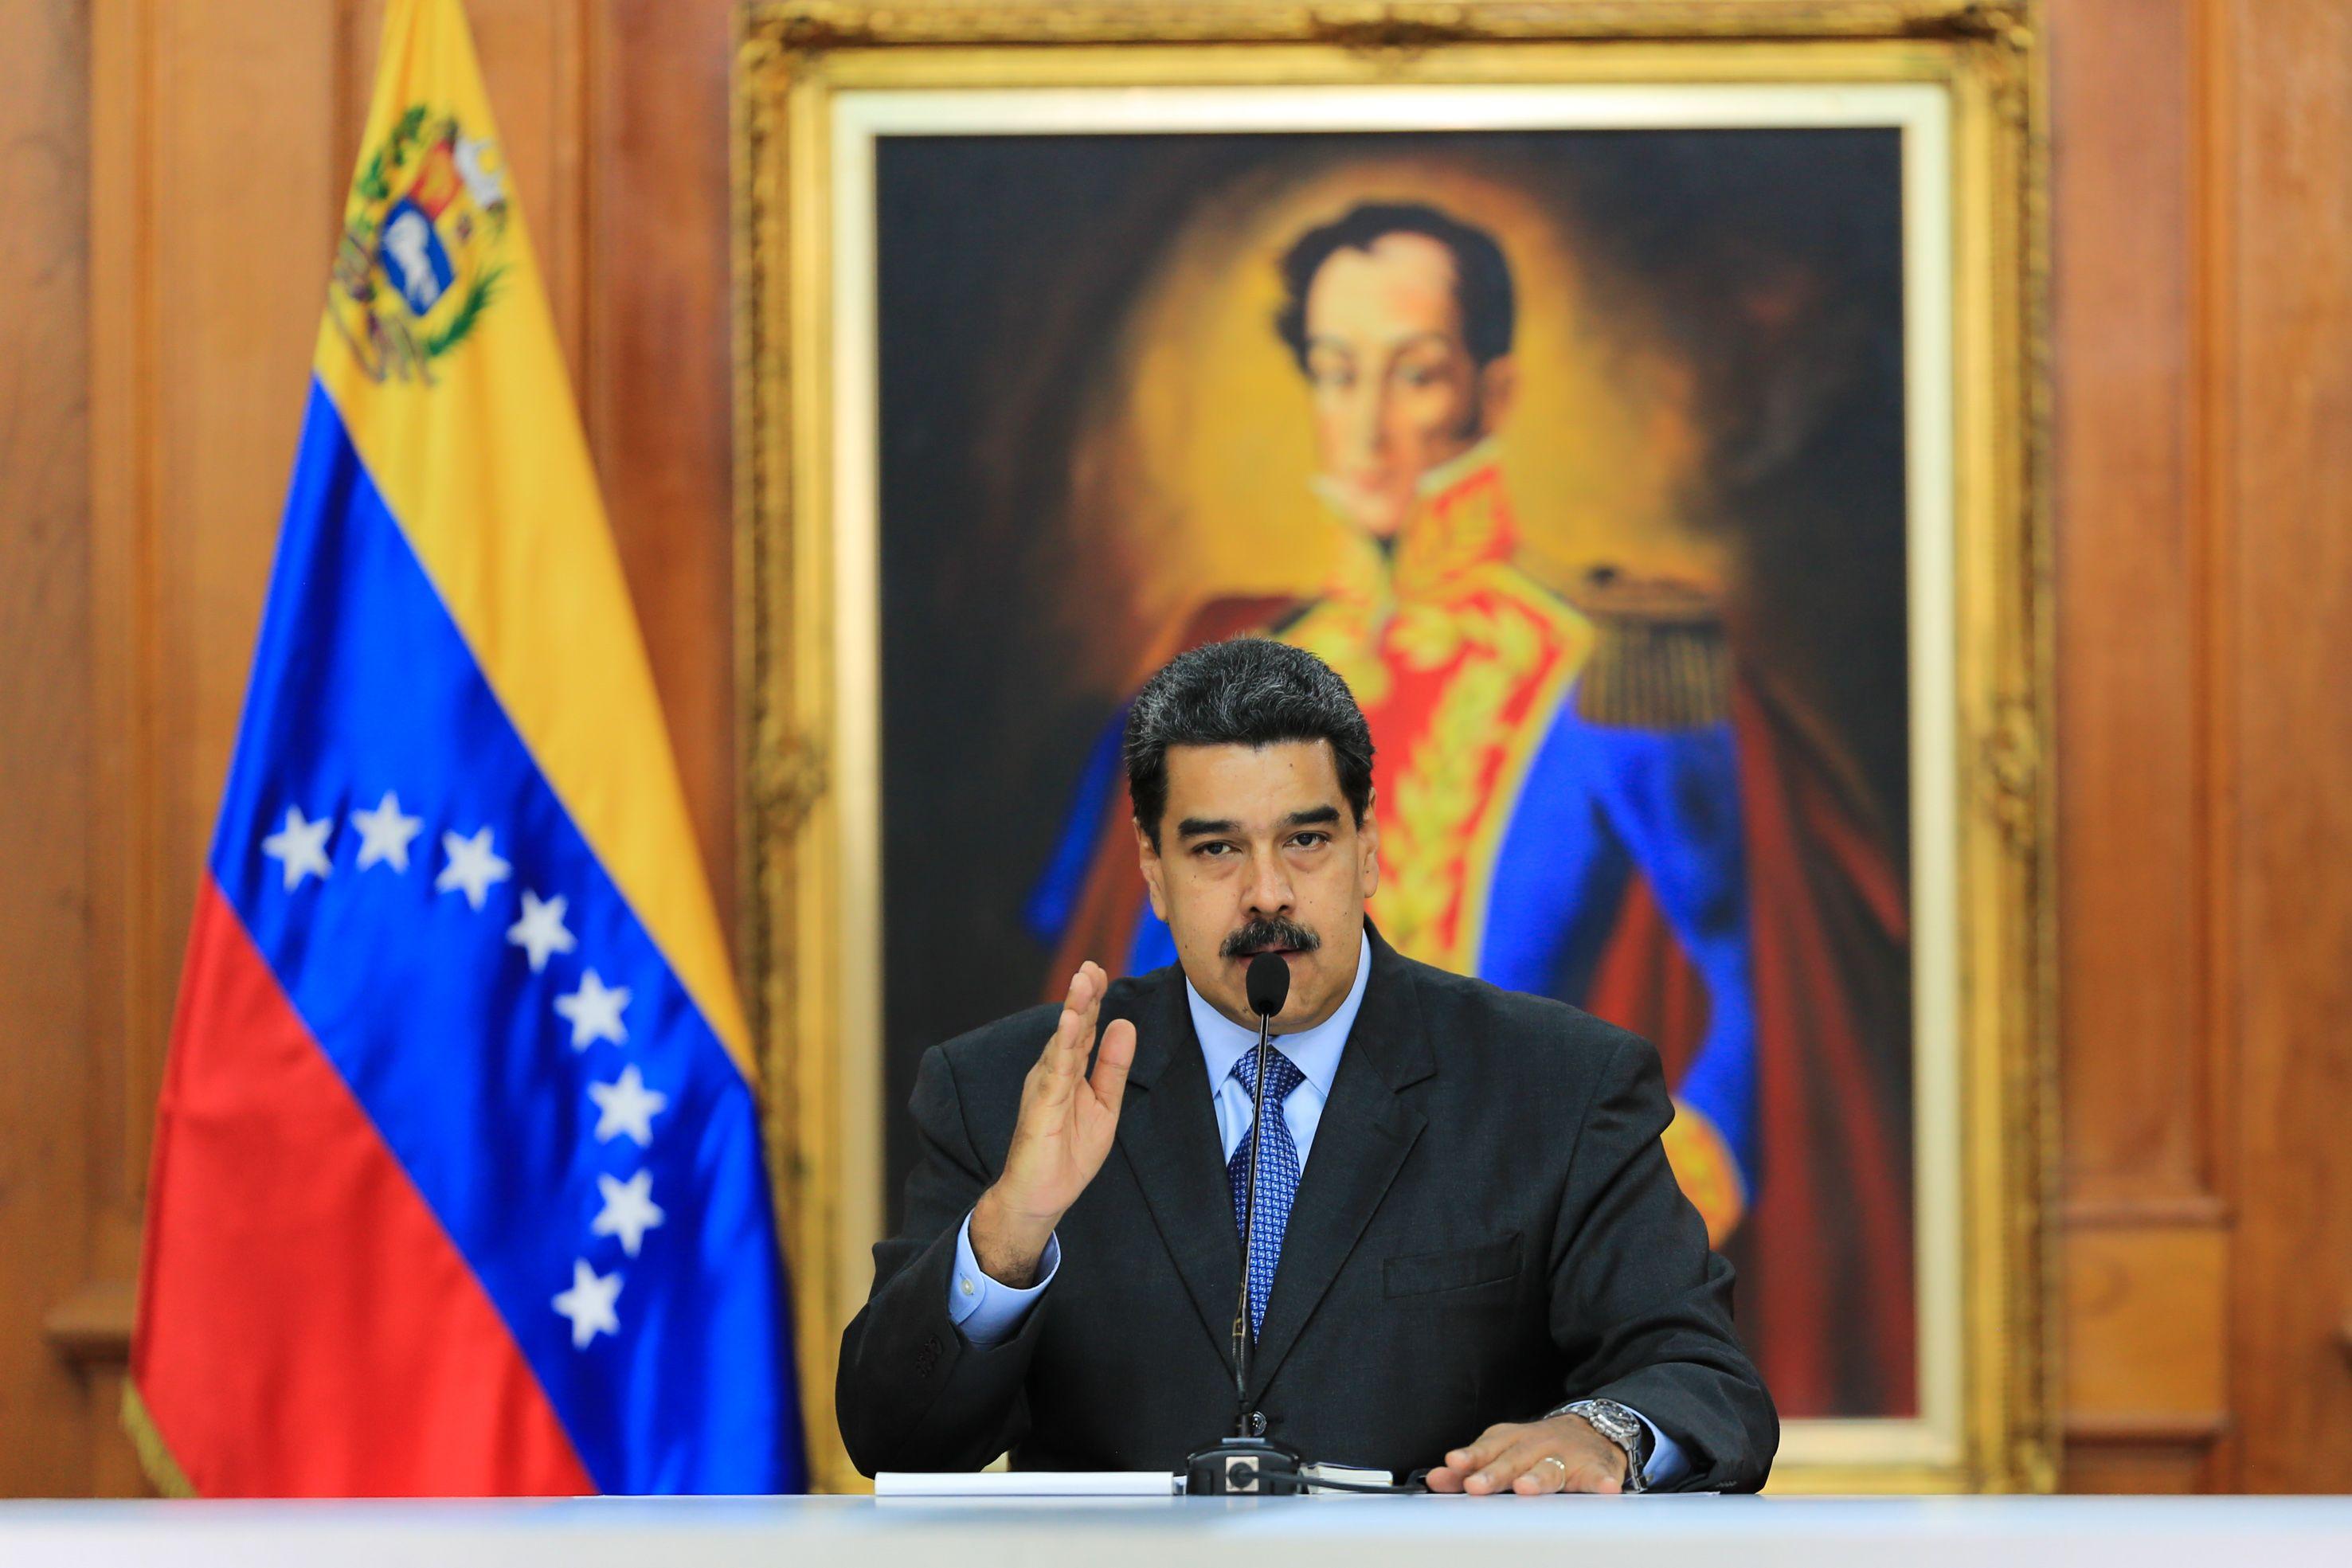 صورة مادورو: توقف يا ترامب.. ستلطخ البيت الأبيض بالدماء